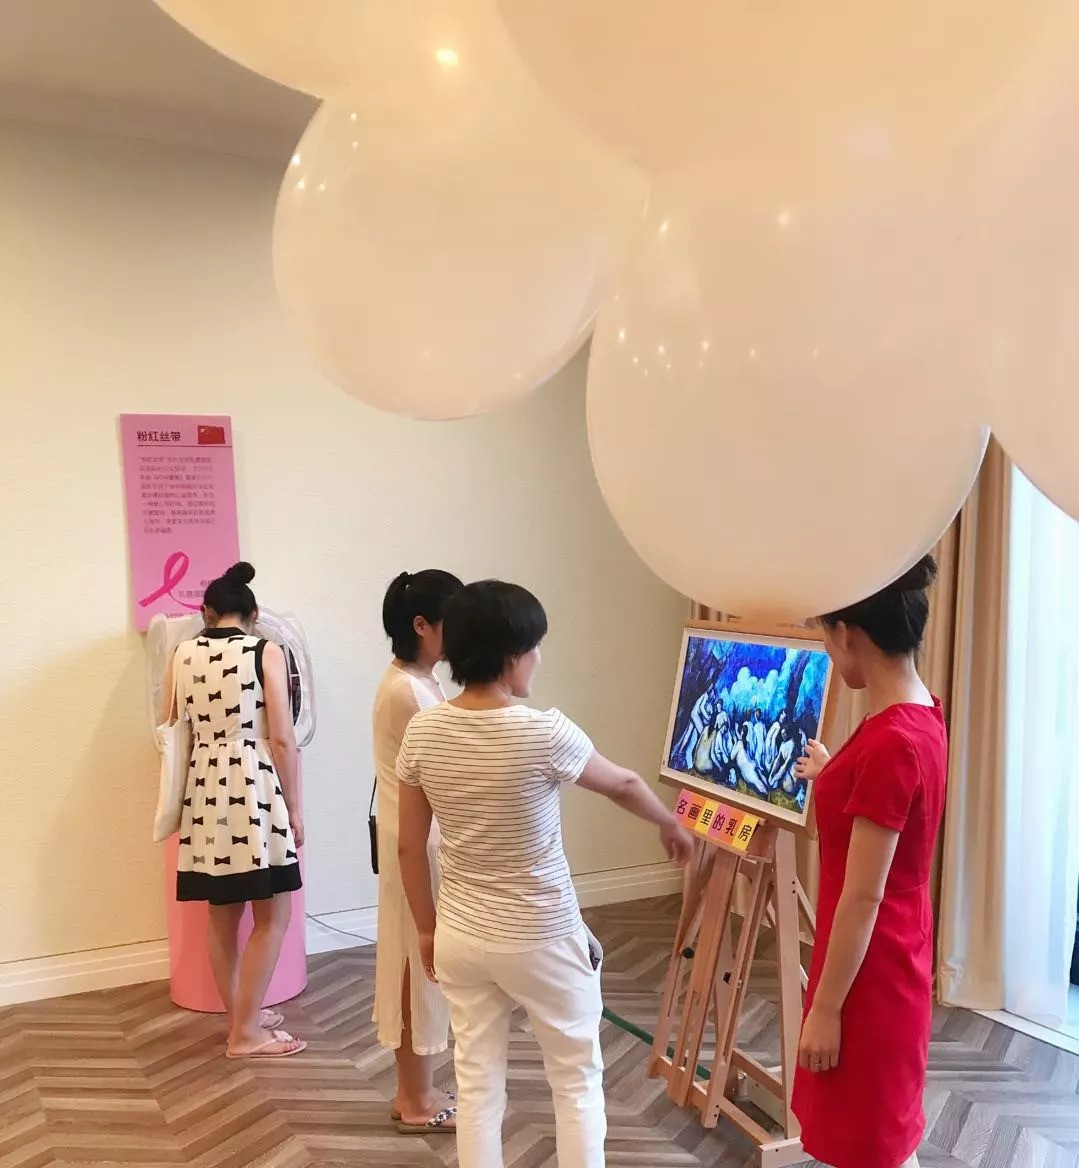 《乳房传奇展》公益展呼吁女性重视乳房健康